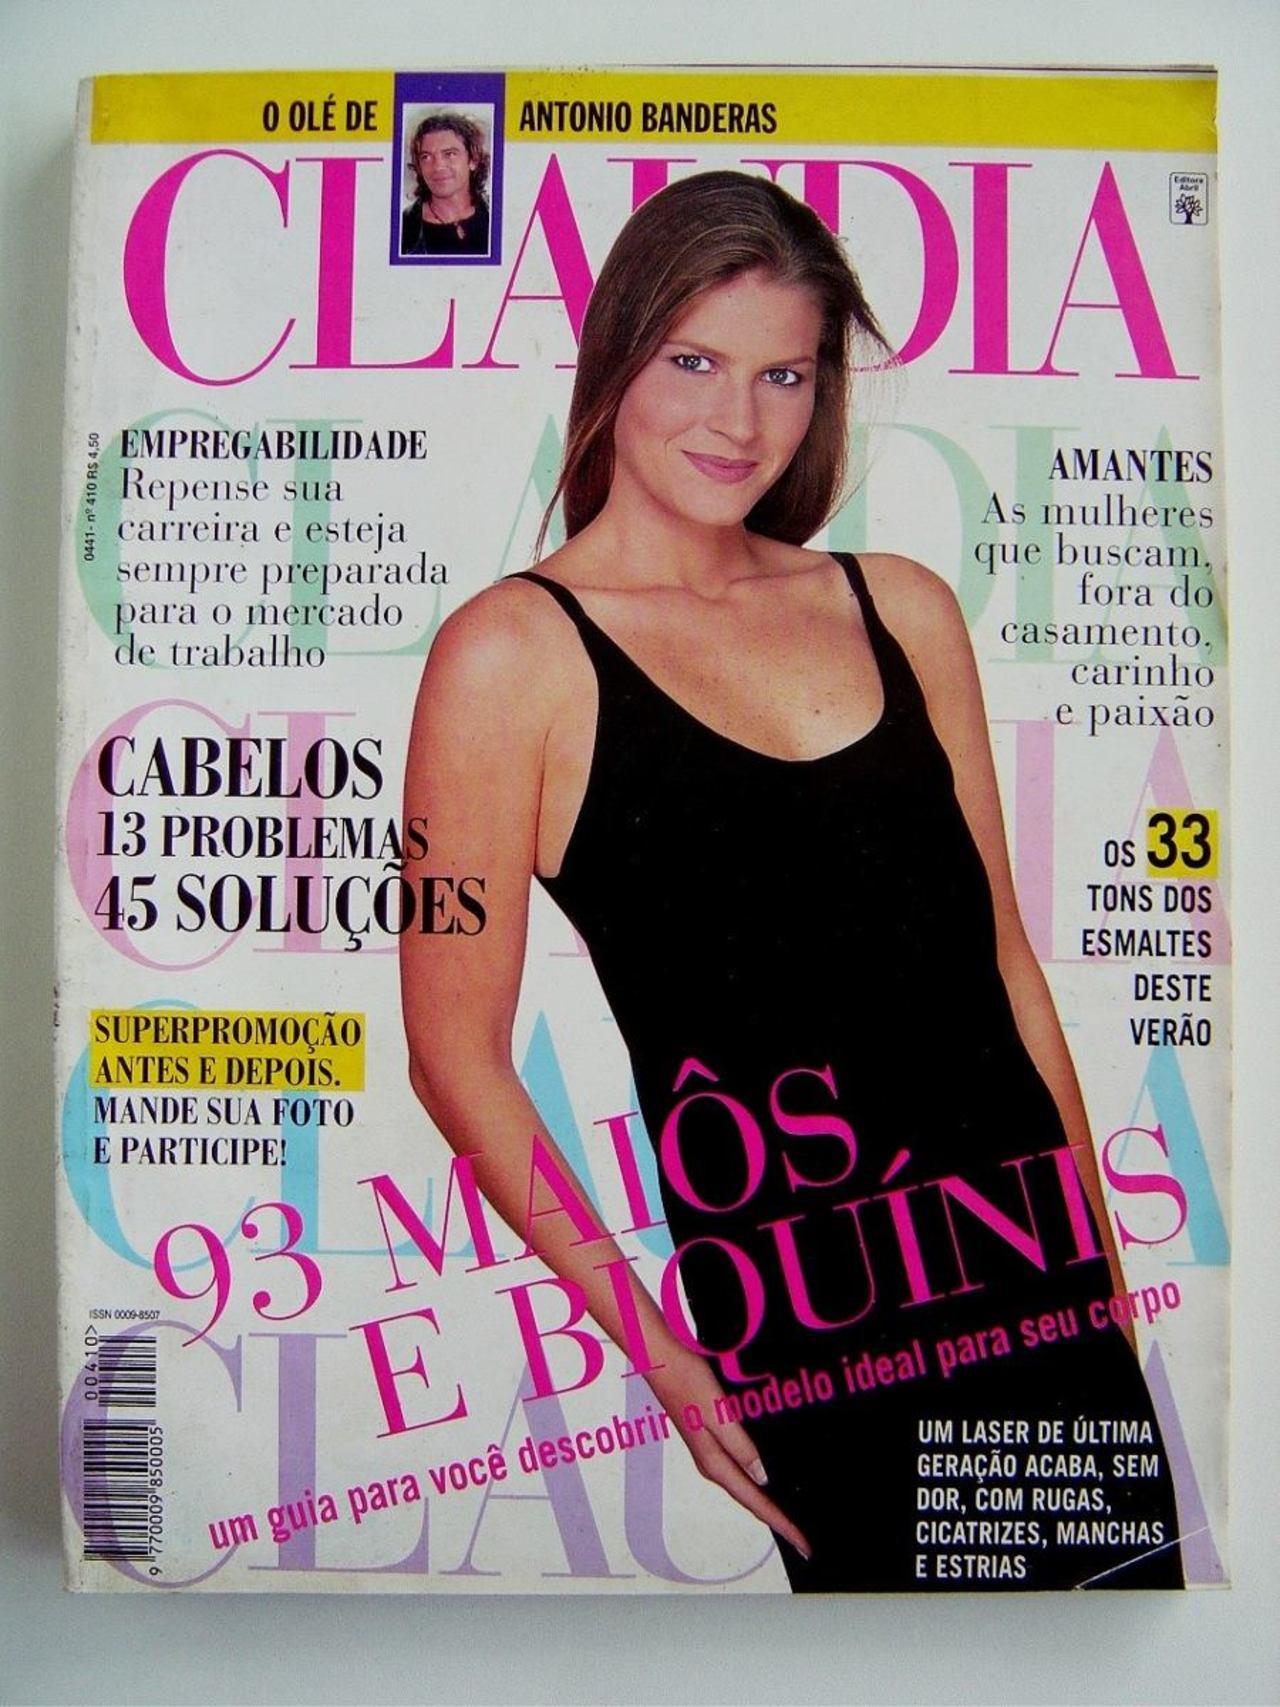 939f8165c452a 06. Edição nº 410 - novembro de 1995